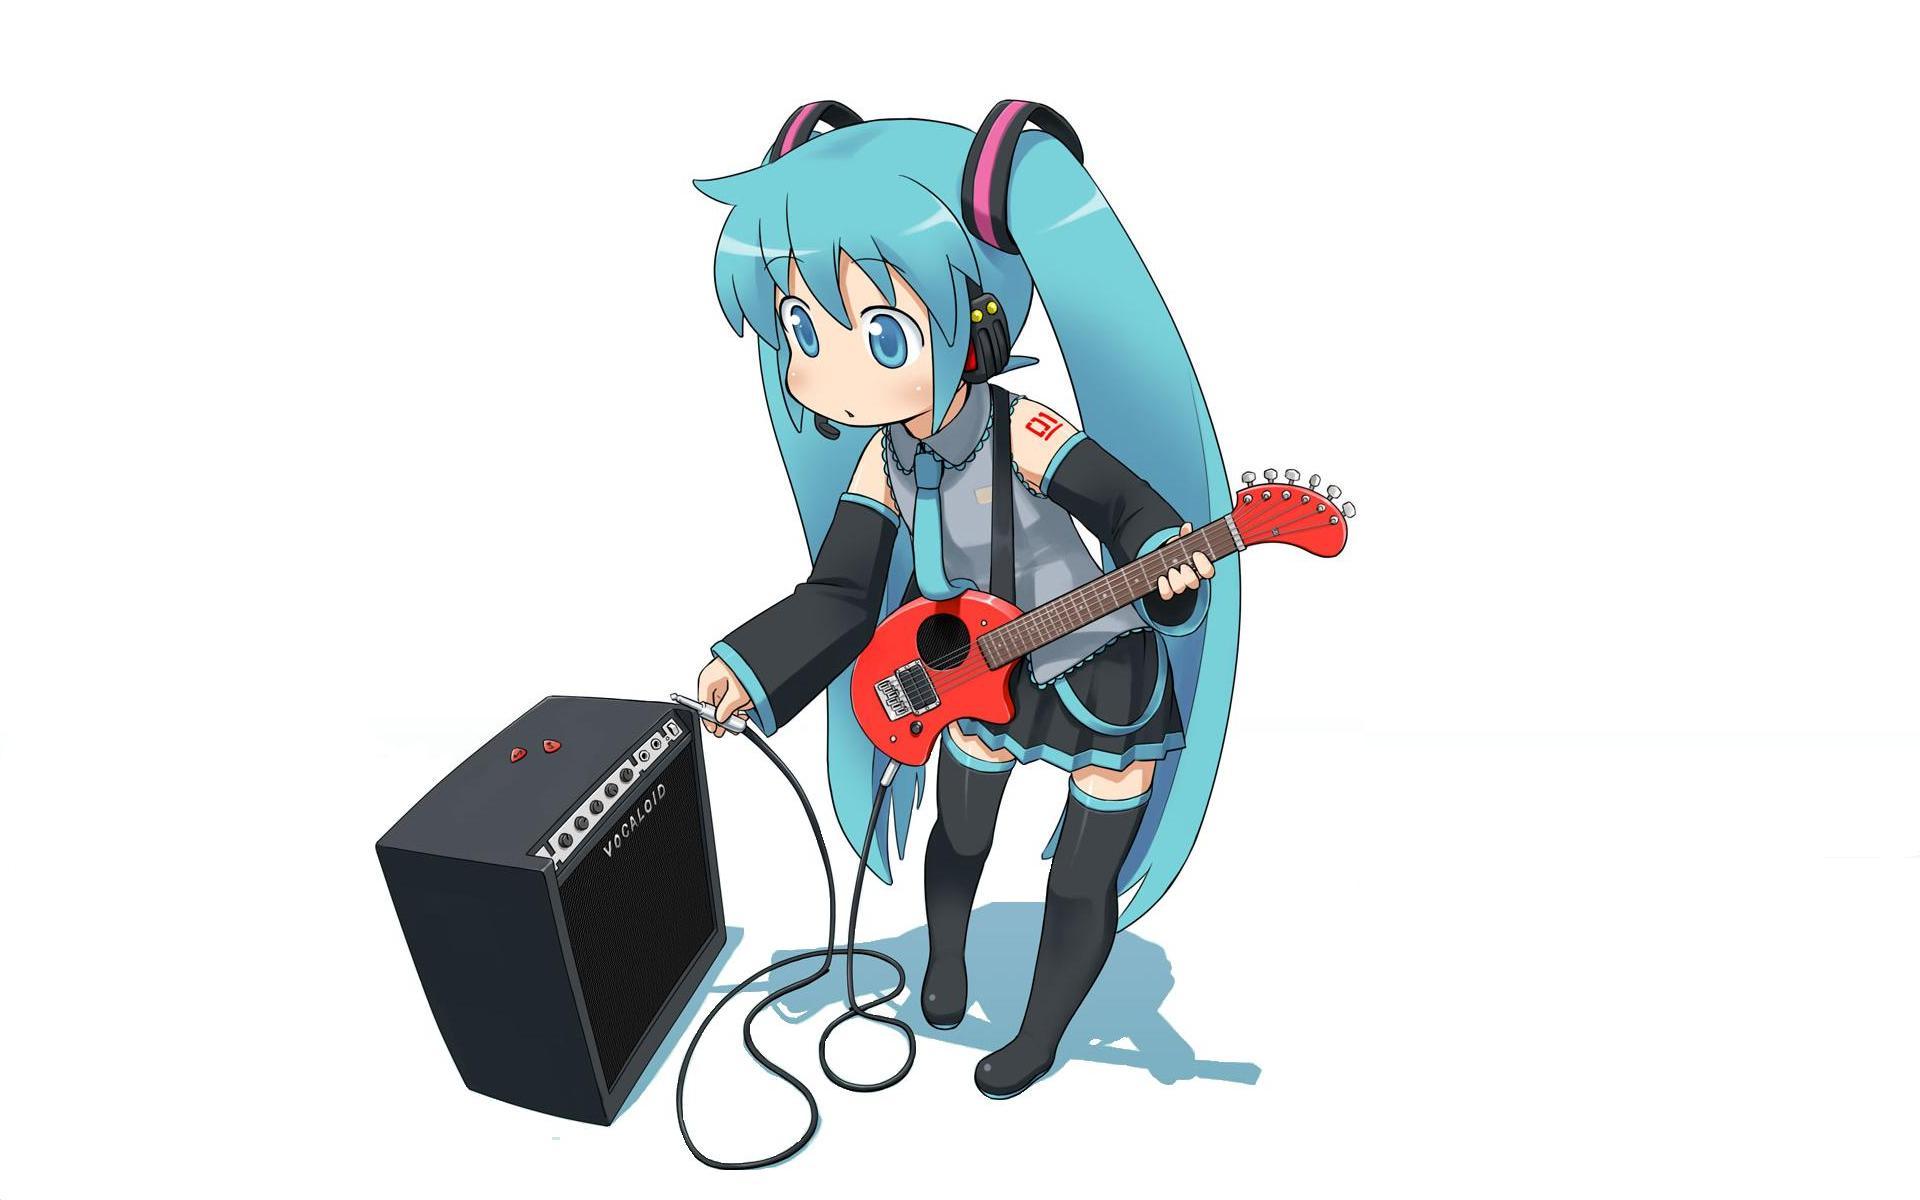 可爱动漫吉他美女卡通女生高清图片桌面壁纸下载第三辑